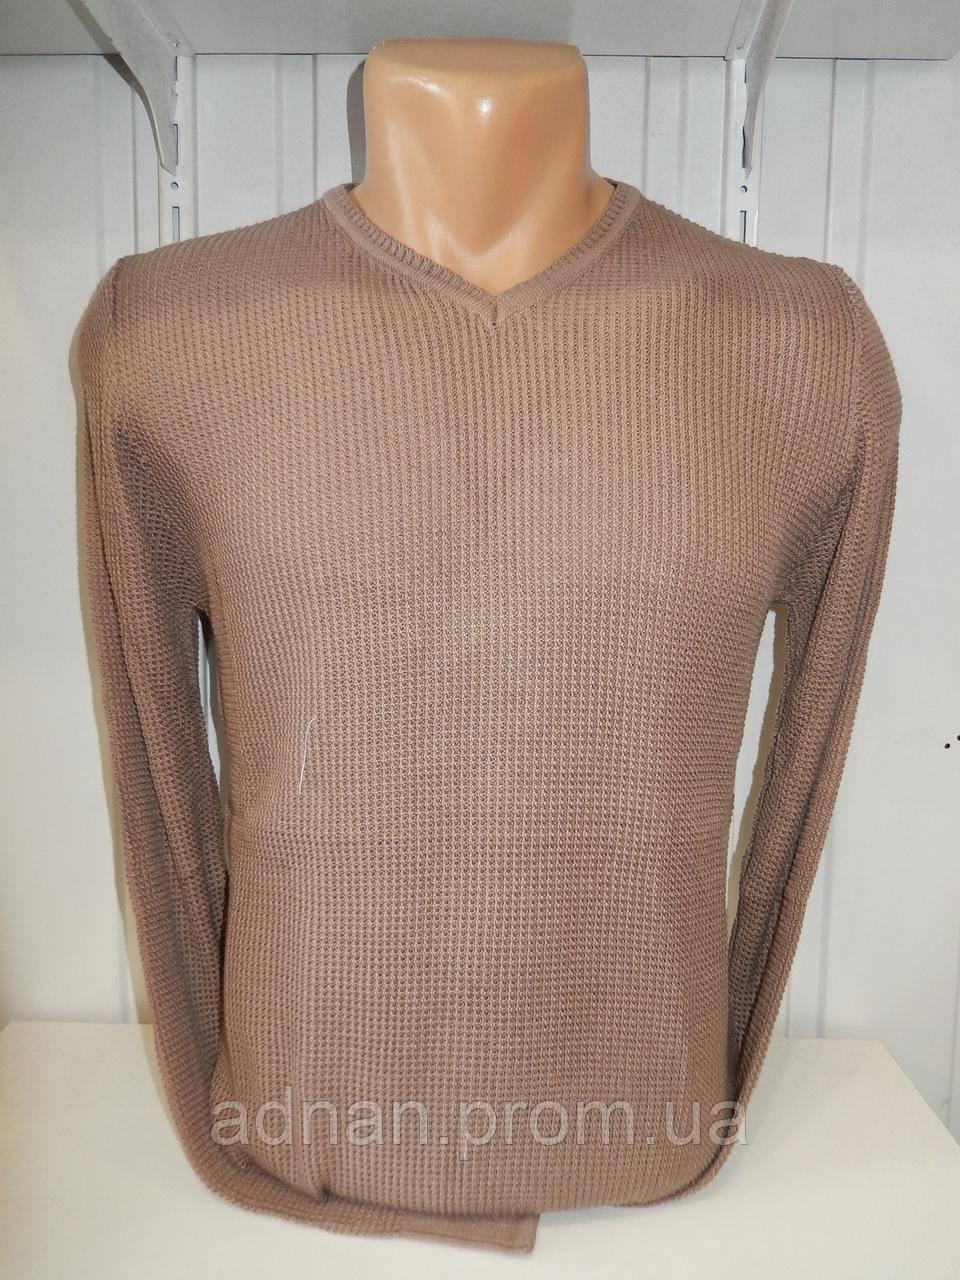 Свитер мужской Fodil's модель № 6216 007/ купиь свитер мужской оптом